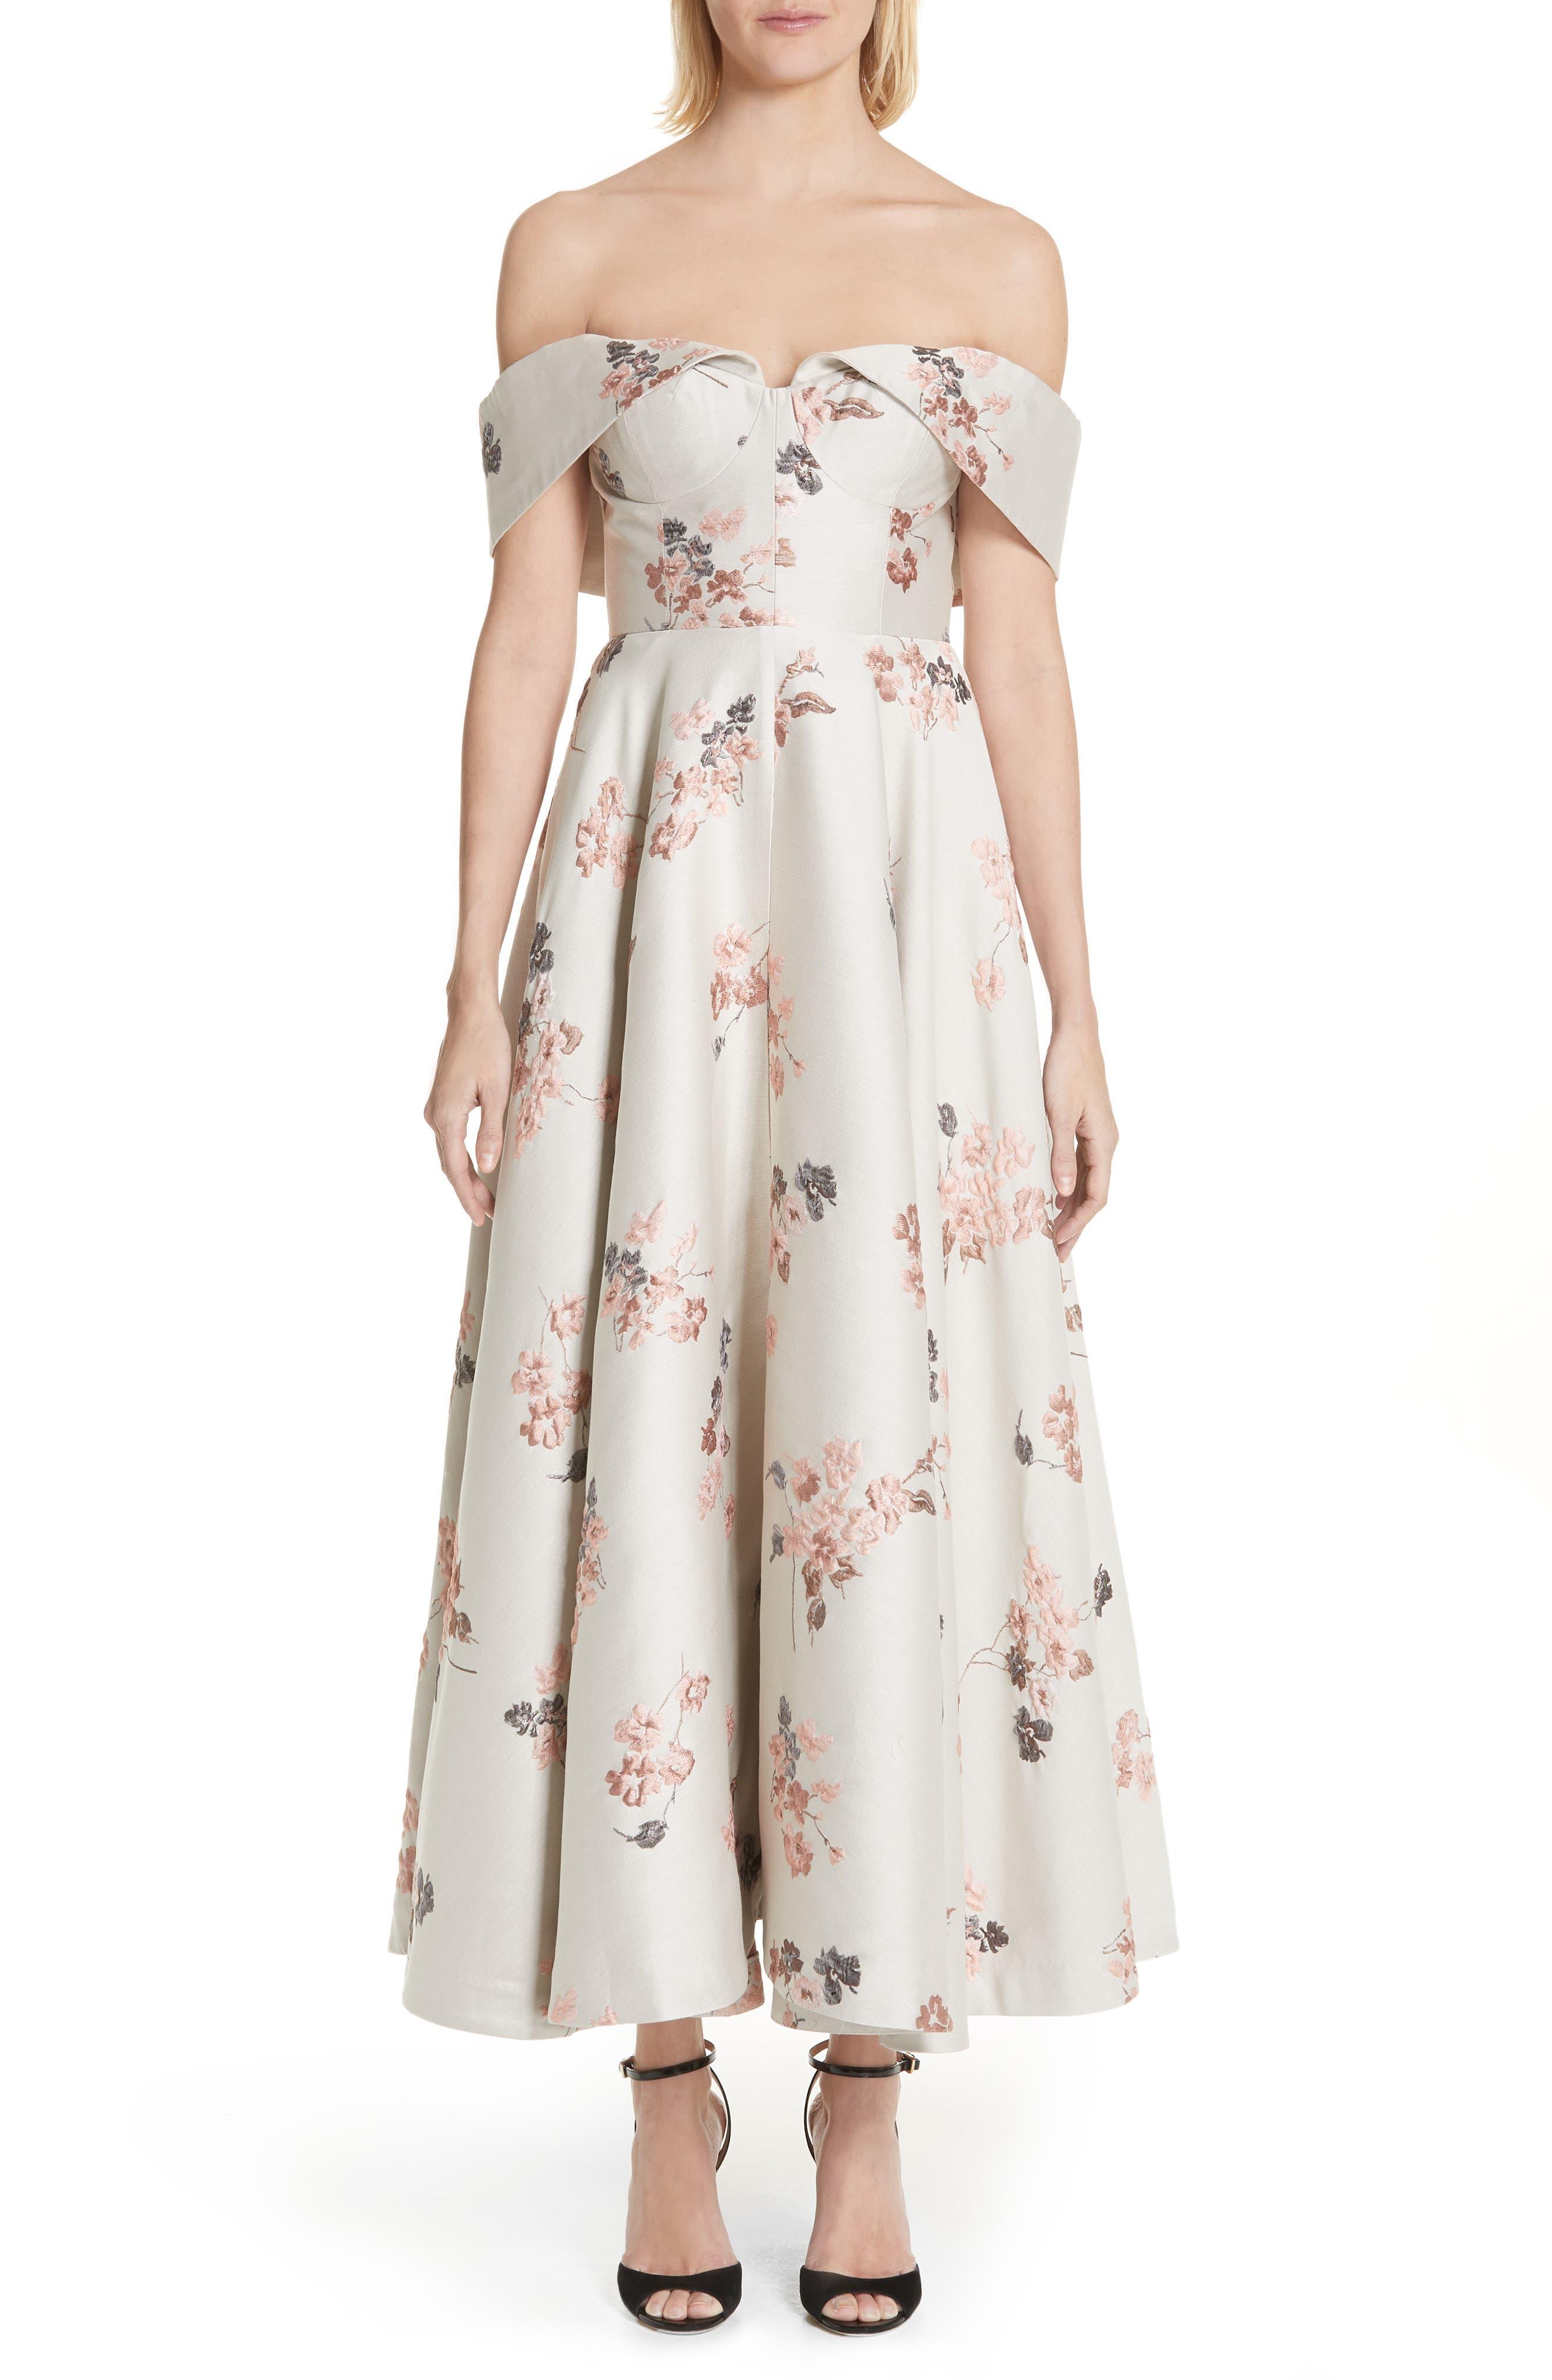 Metallic Floral Jacquard Off the Shoulder Dress,                         Main,                         color, Beige/ Pink